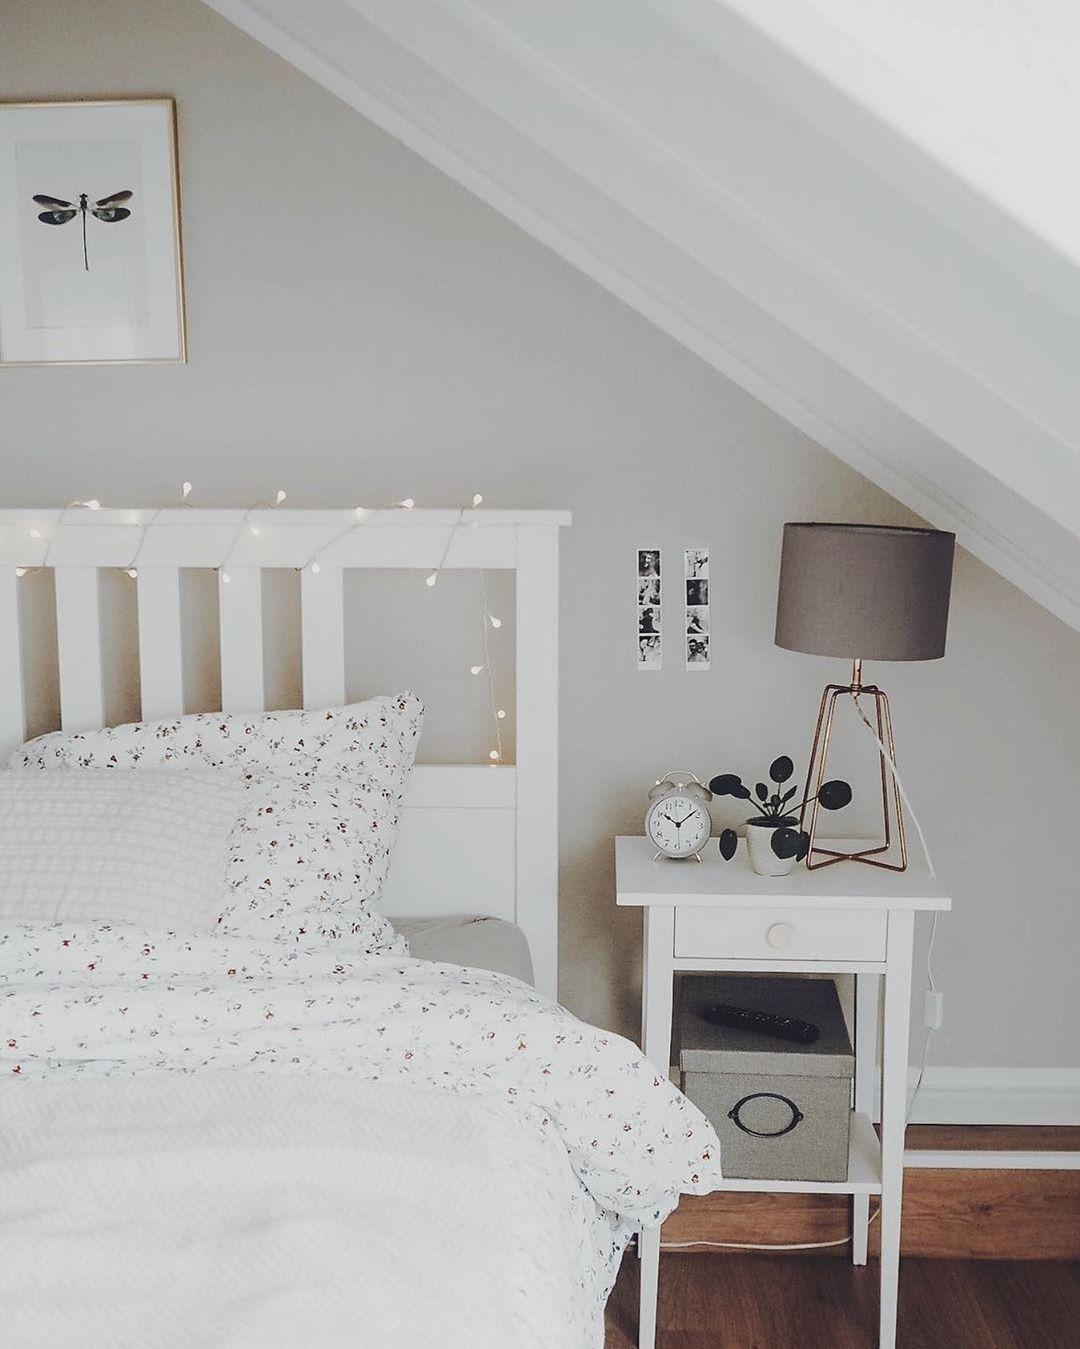 Schlafzimmer Wande Farblich Gestalten Braun Mobili: Inspiration Zum Einrichten Und Wohnen